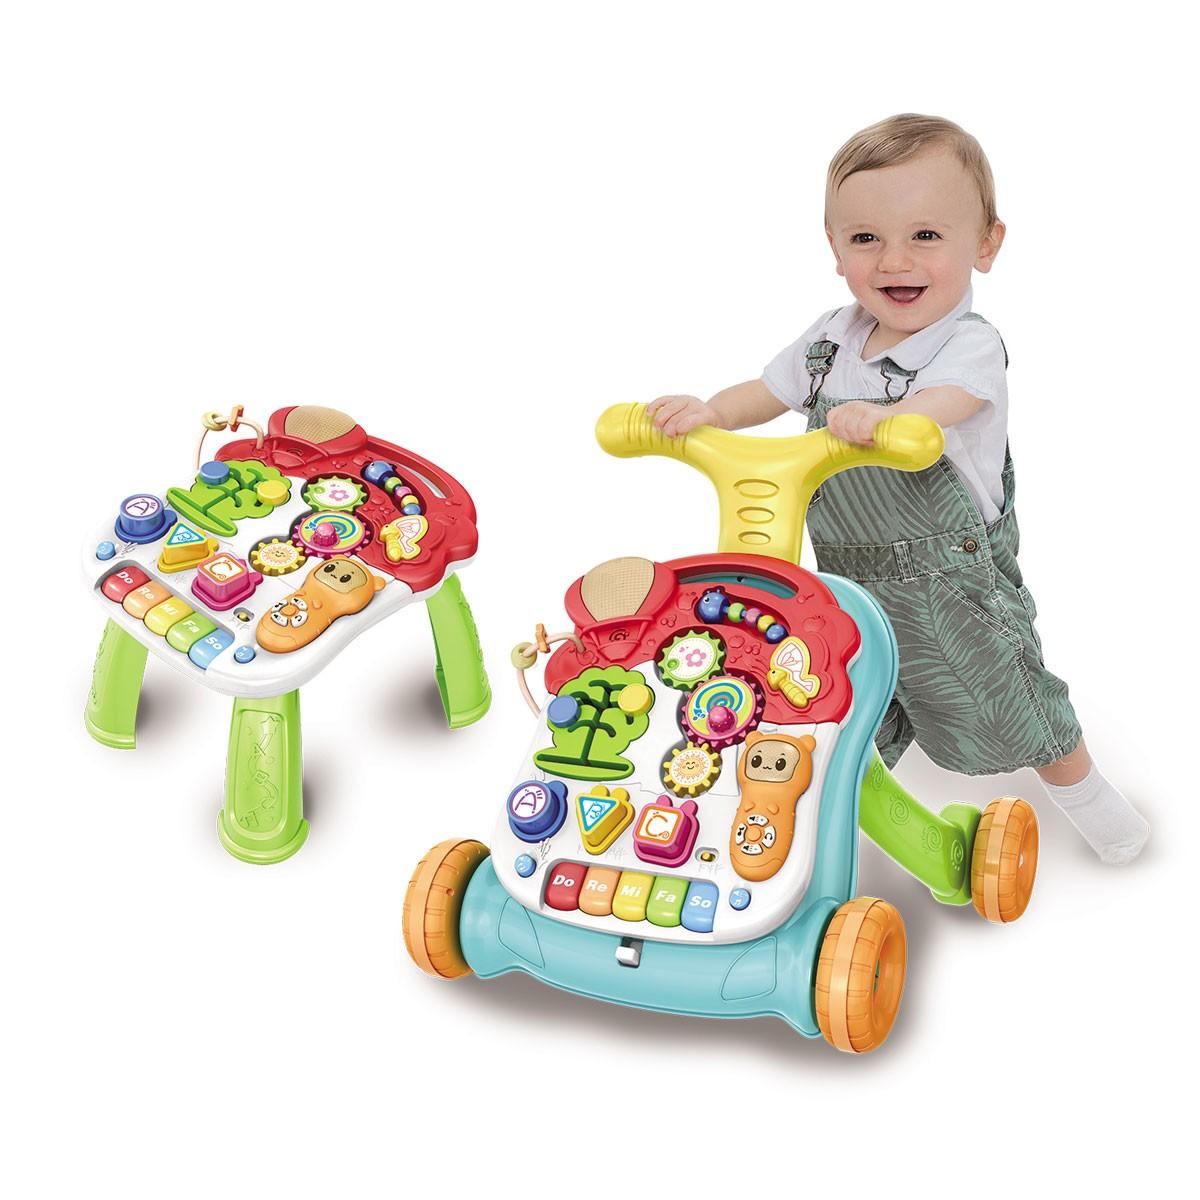 Andador Didático e mesinha 2 em 1 Baby Style